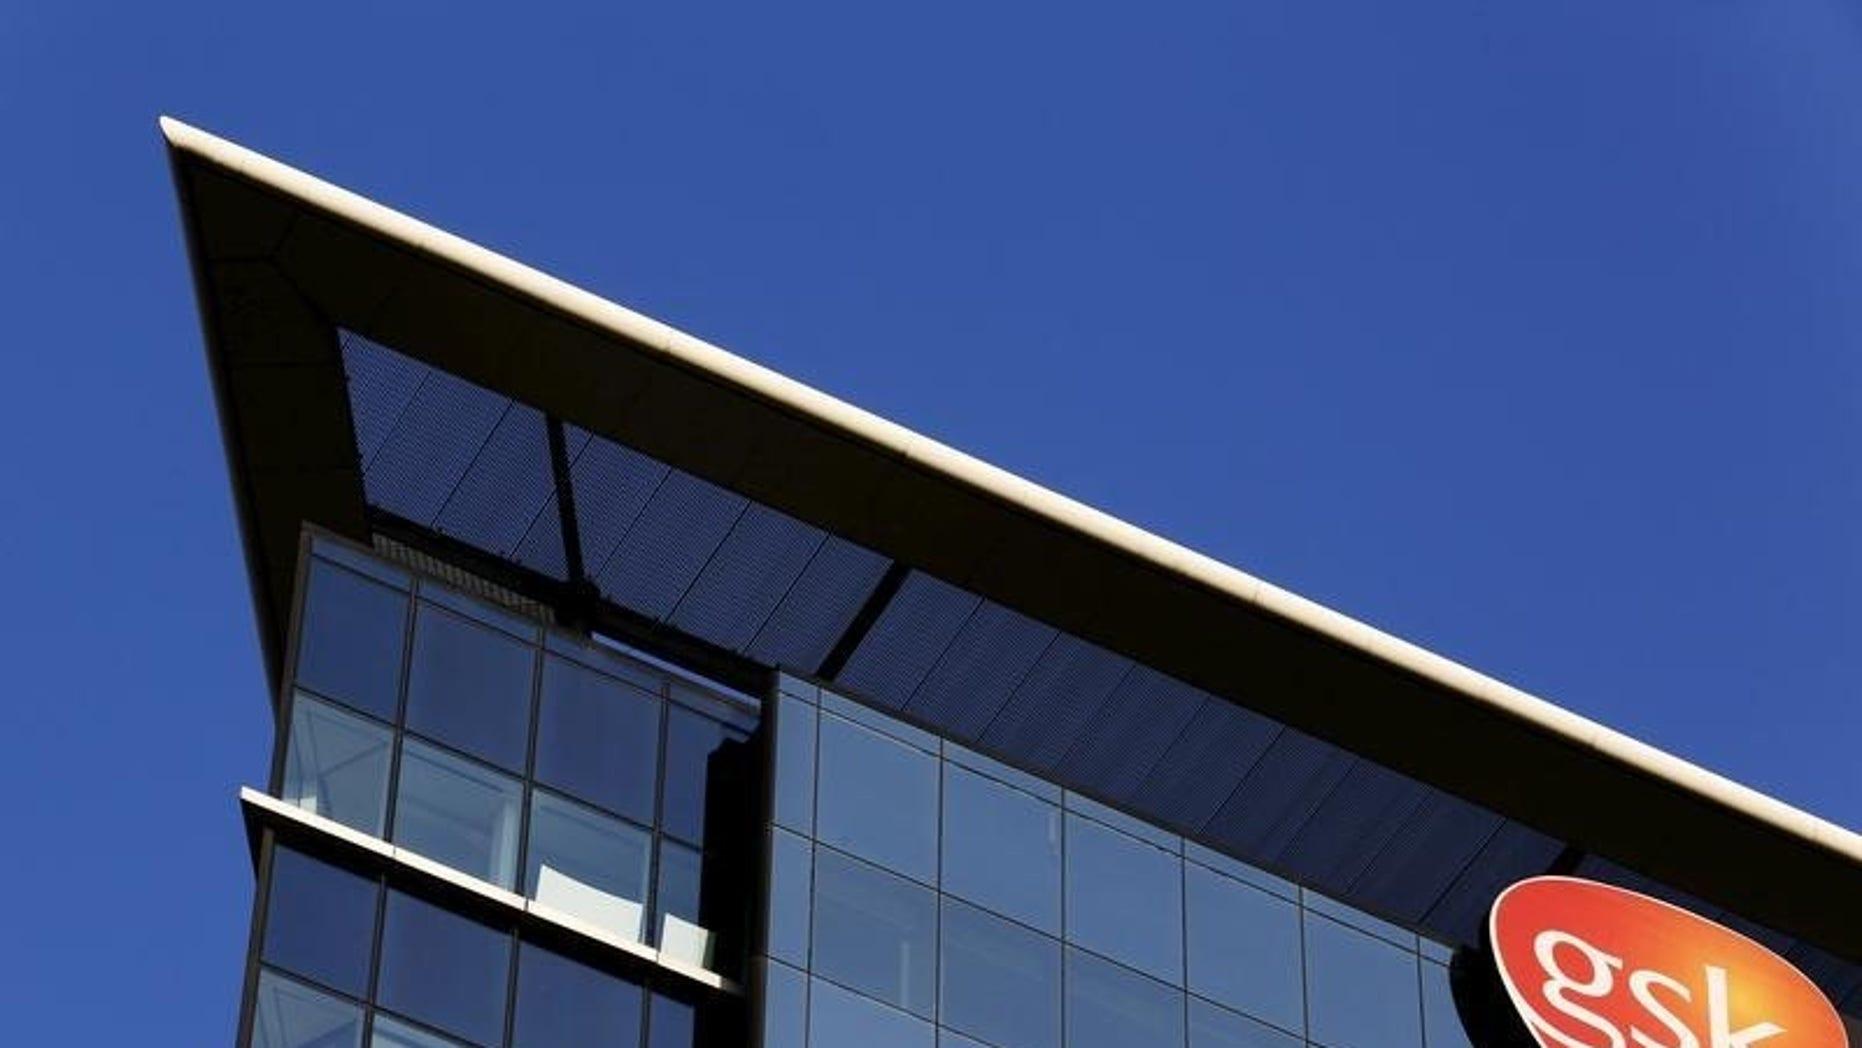 The GlaxoSmithKline building in Hounslow, west London